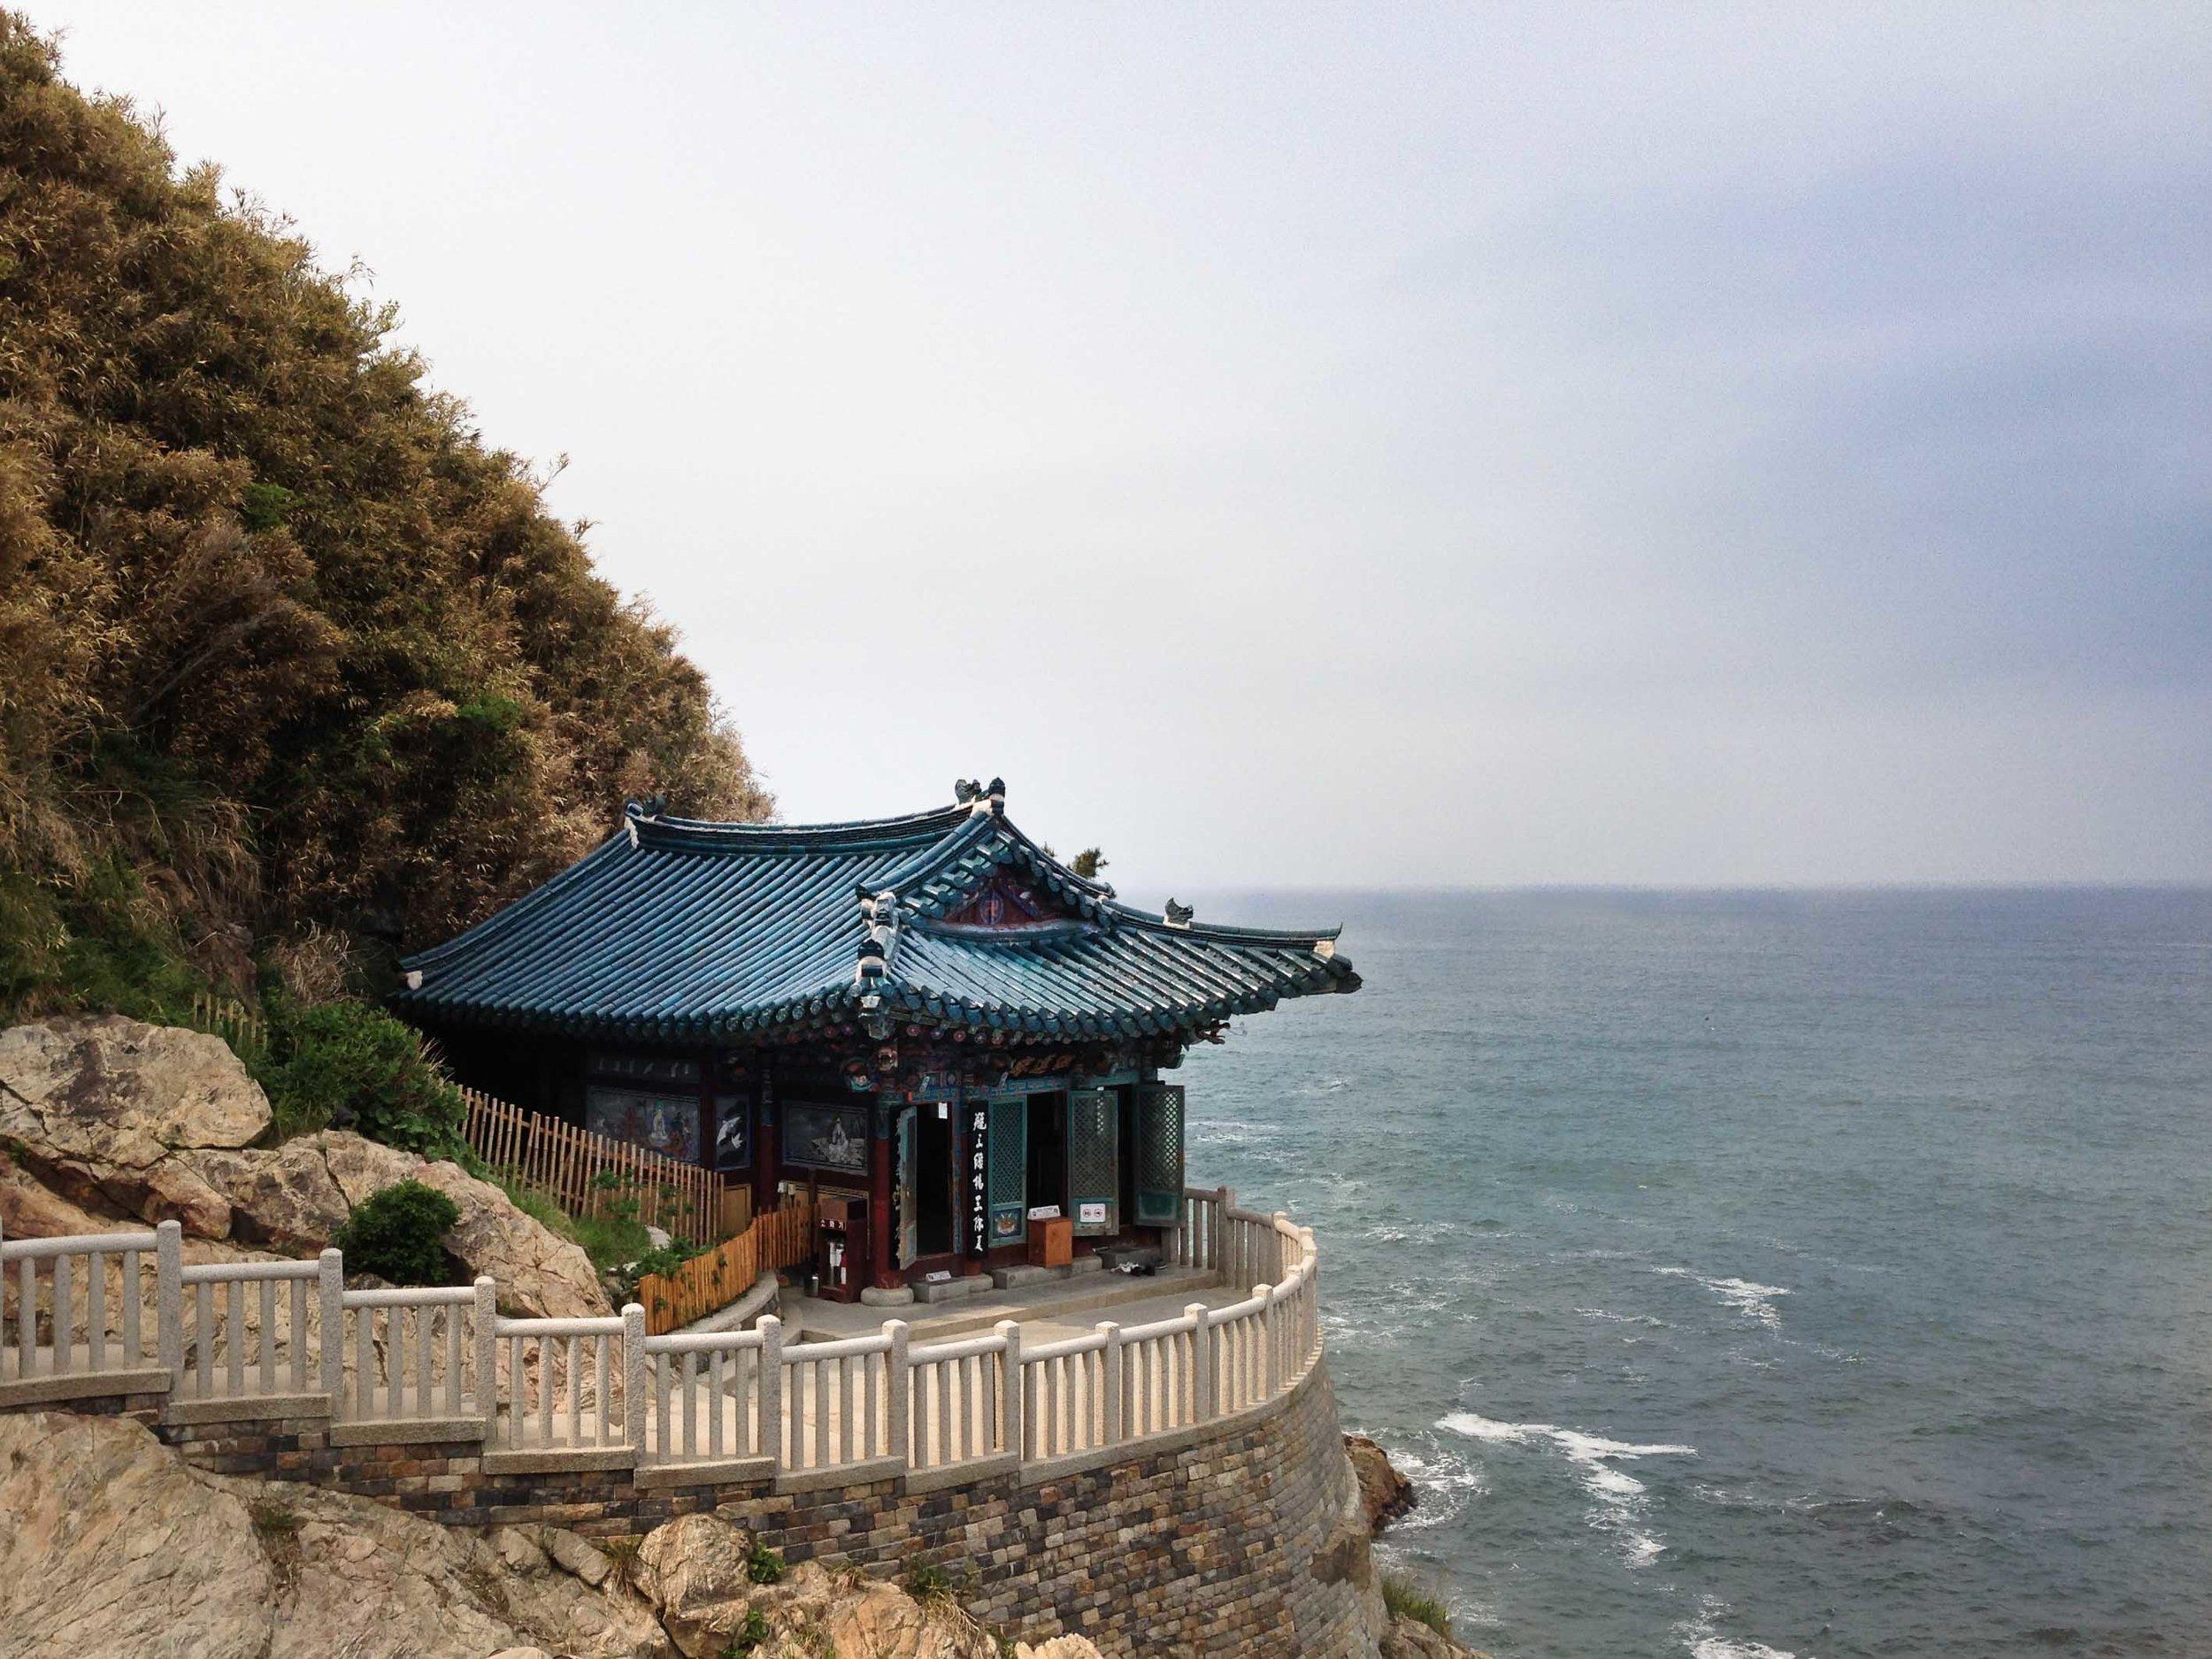 홍룐암 Hong-nyon-am Temple